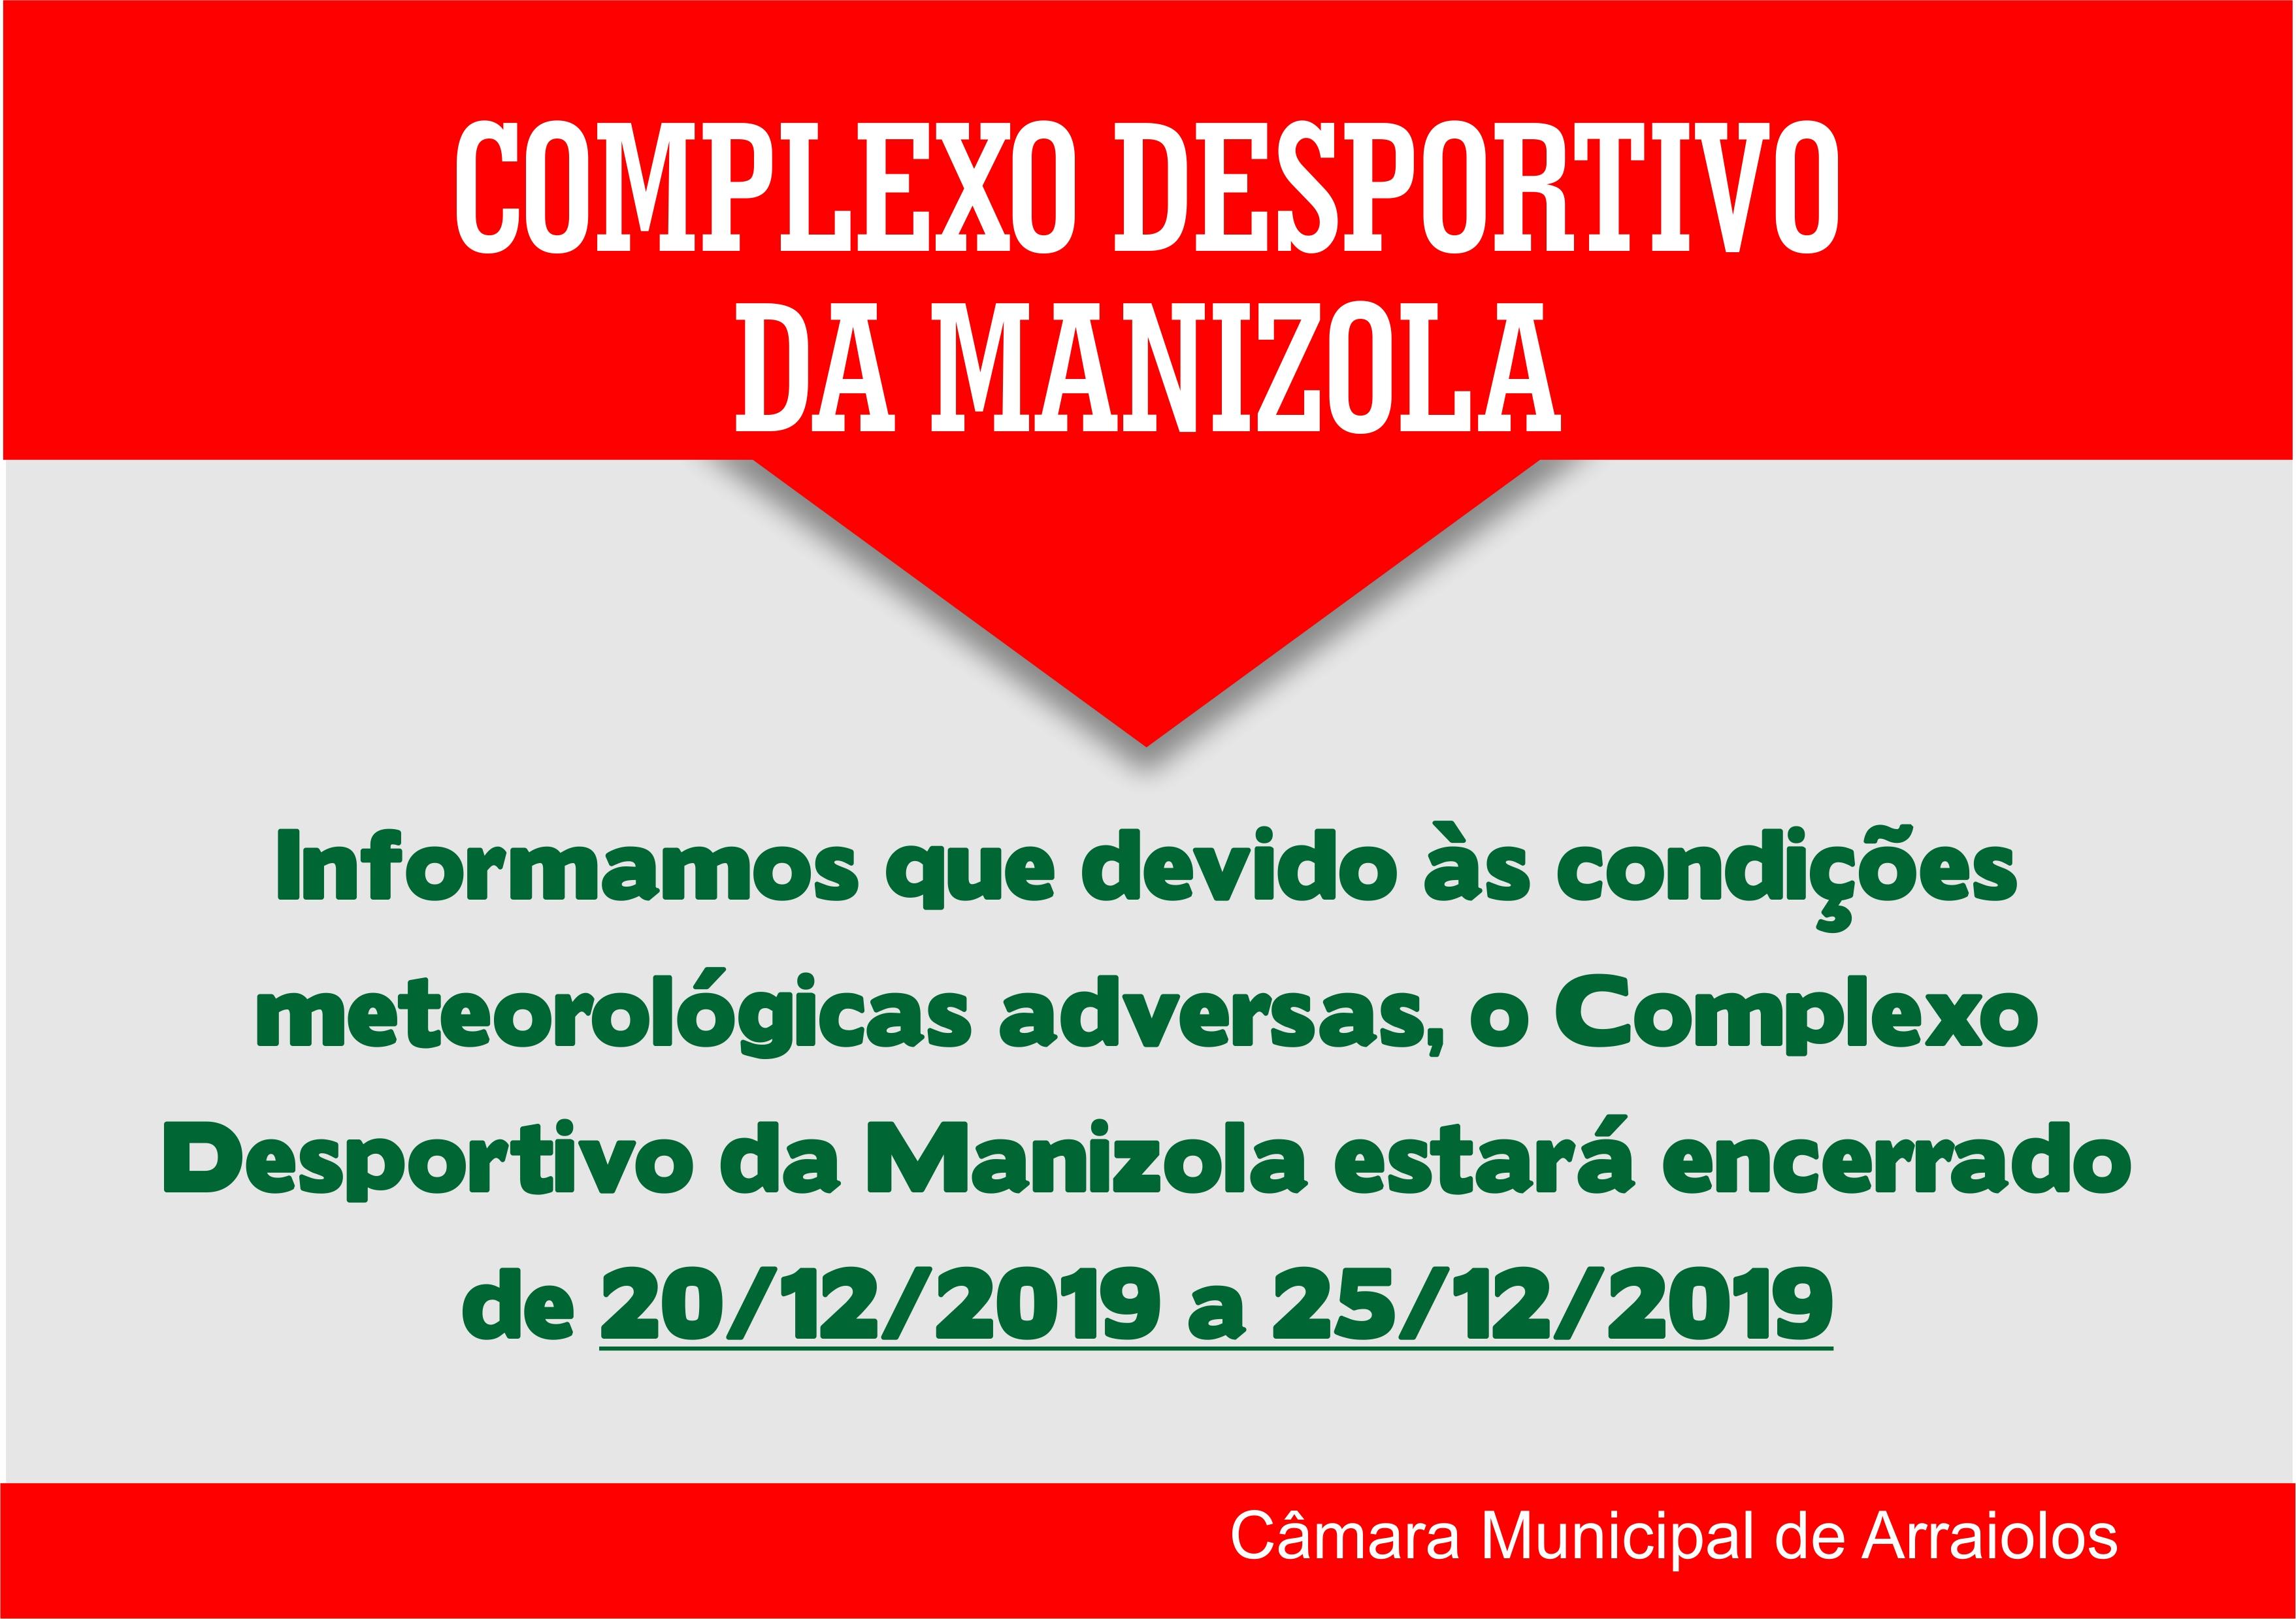 Complexo Desp manizola ENCEDRRADO2.jpg